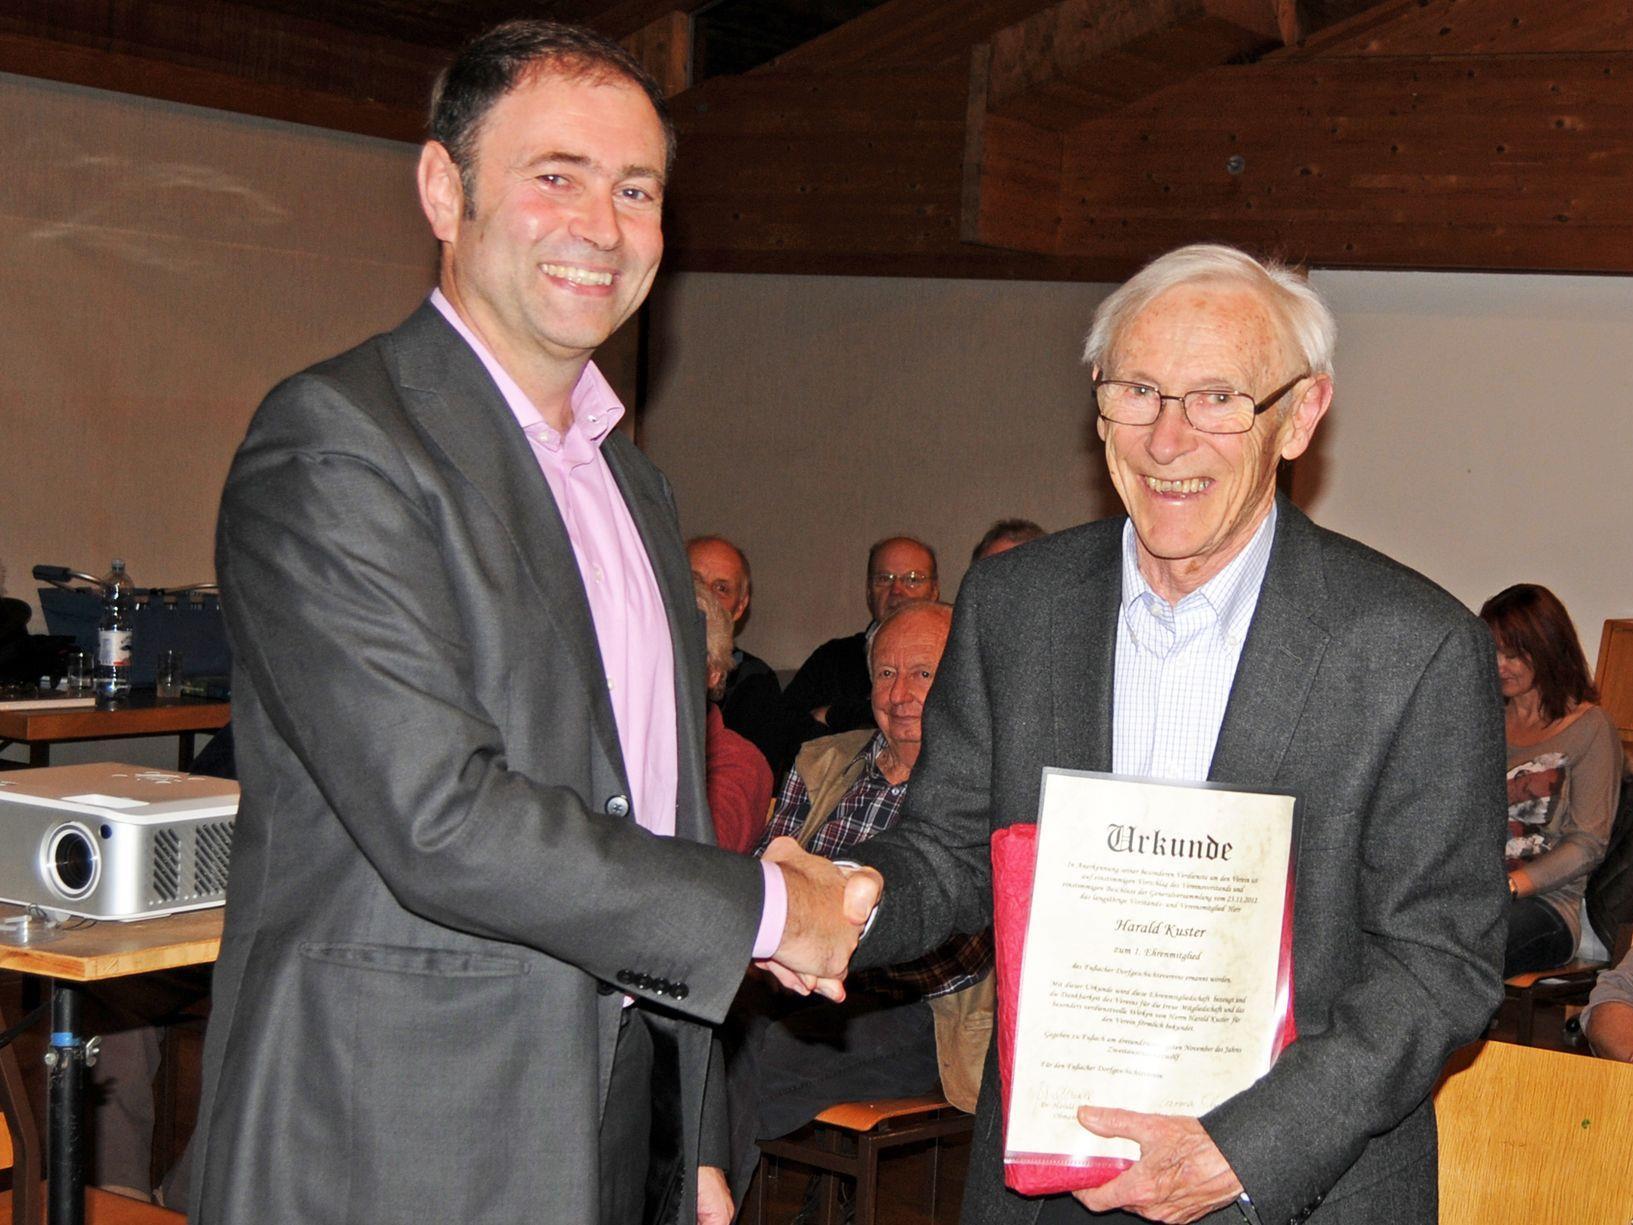 Dr. Harald Bösch, Obmann des Dorfgeschichtevereines, mit dem ersten Ehrenmitglied Harald Kuster.